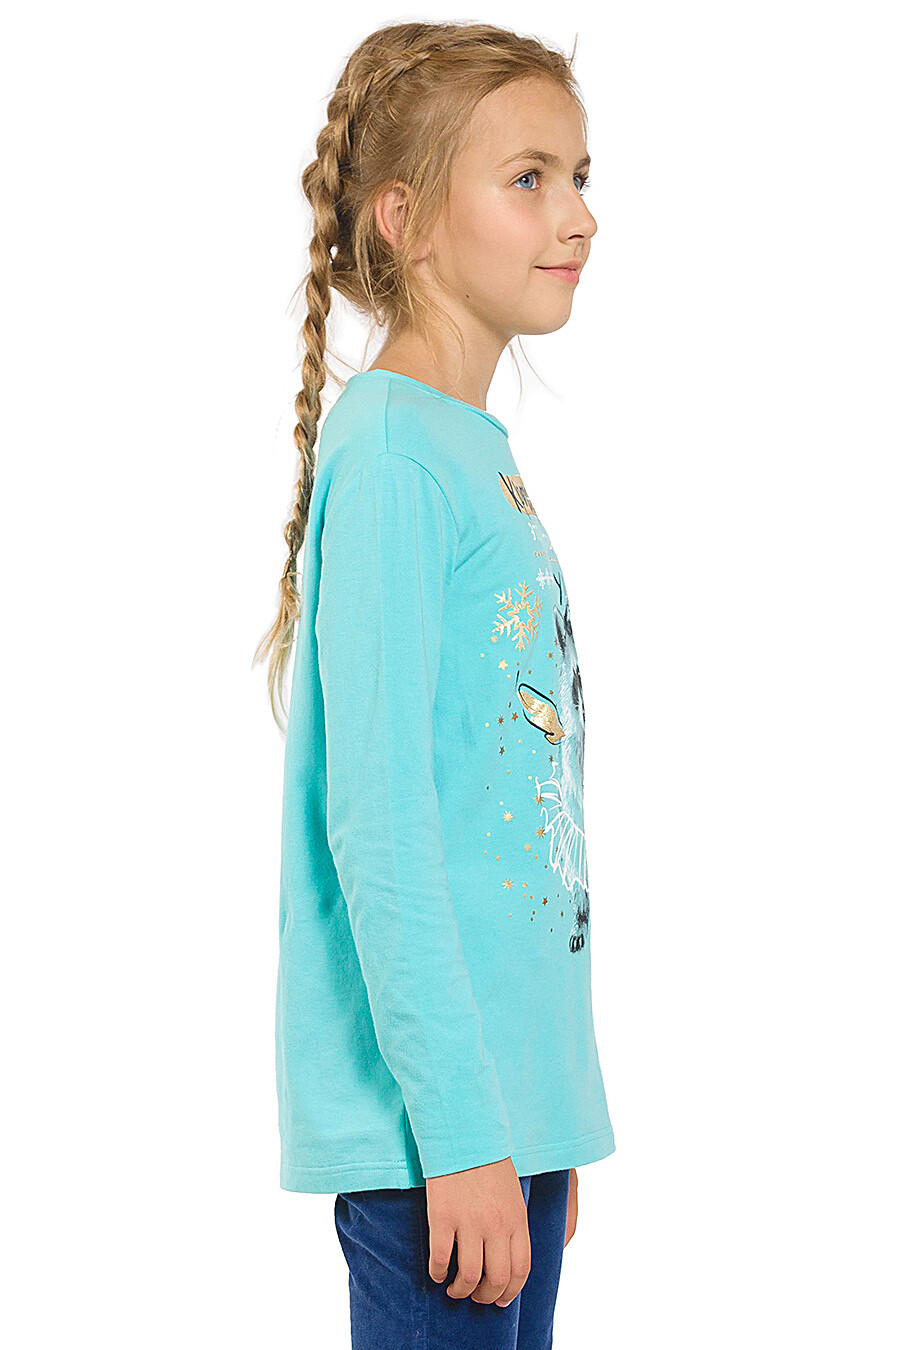 Джемпер для девочек PELICAN 161246 купить оптом от производителя. Совместная покупка детской одежды в OptMoyo